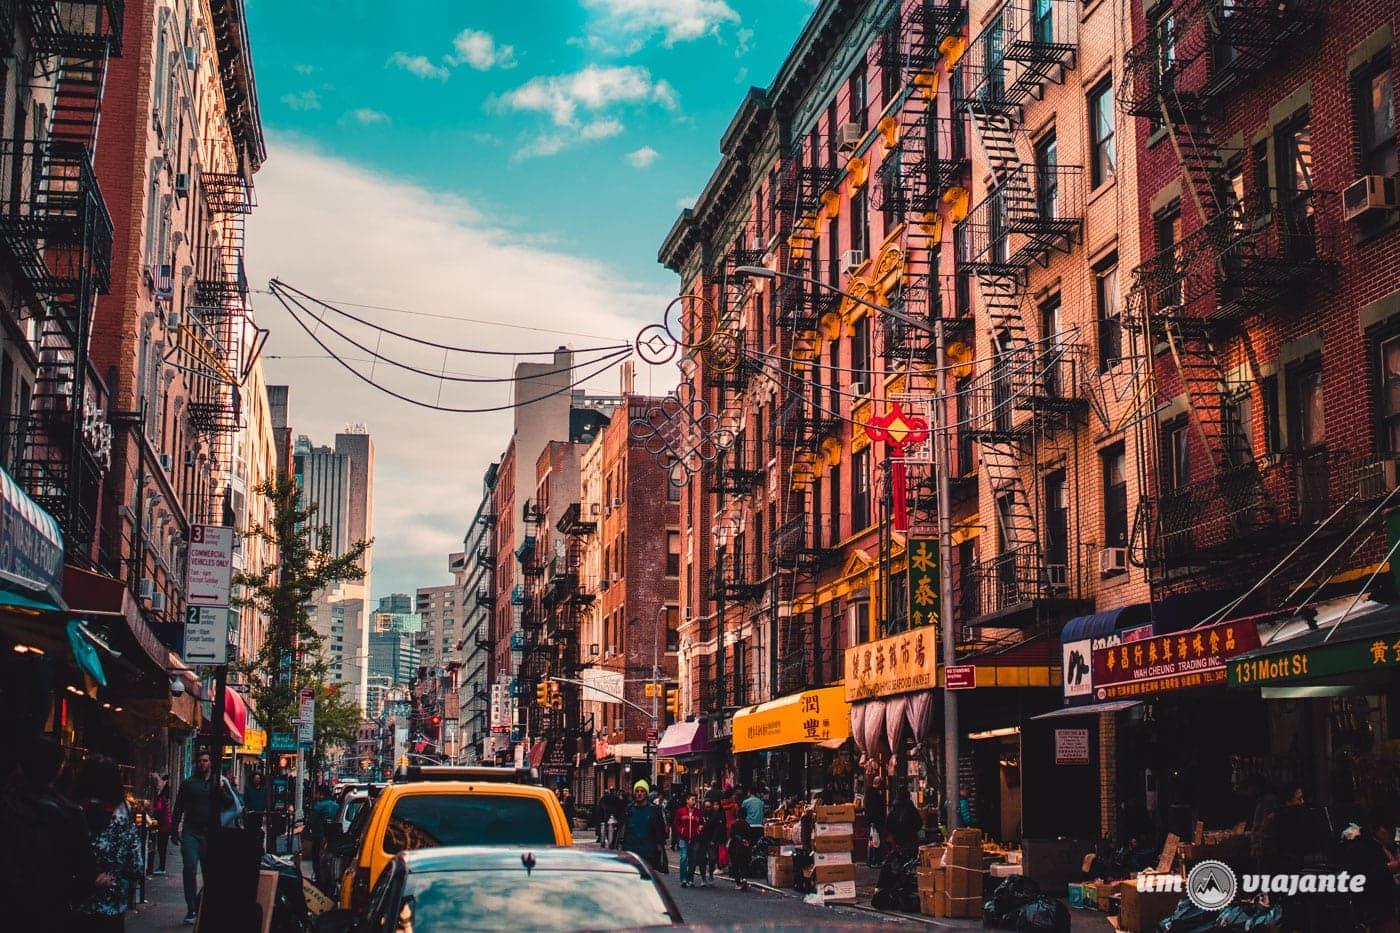 Chinatown - Roteiro viagem Nova York